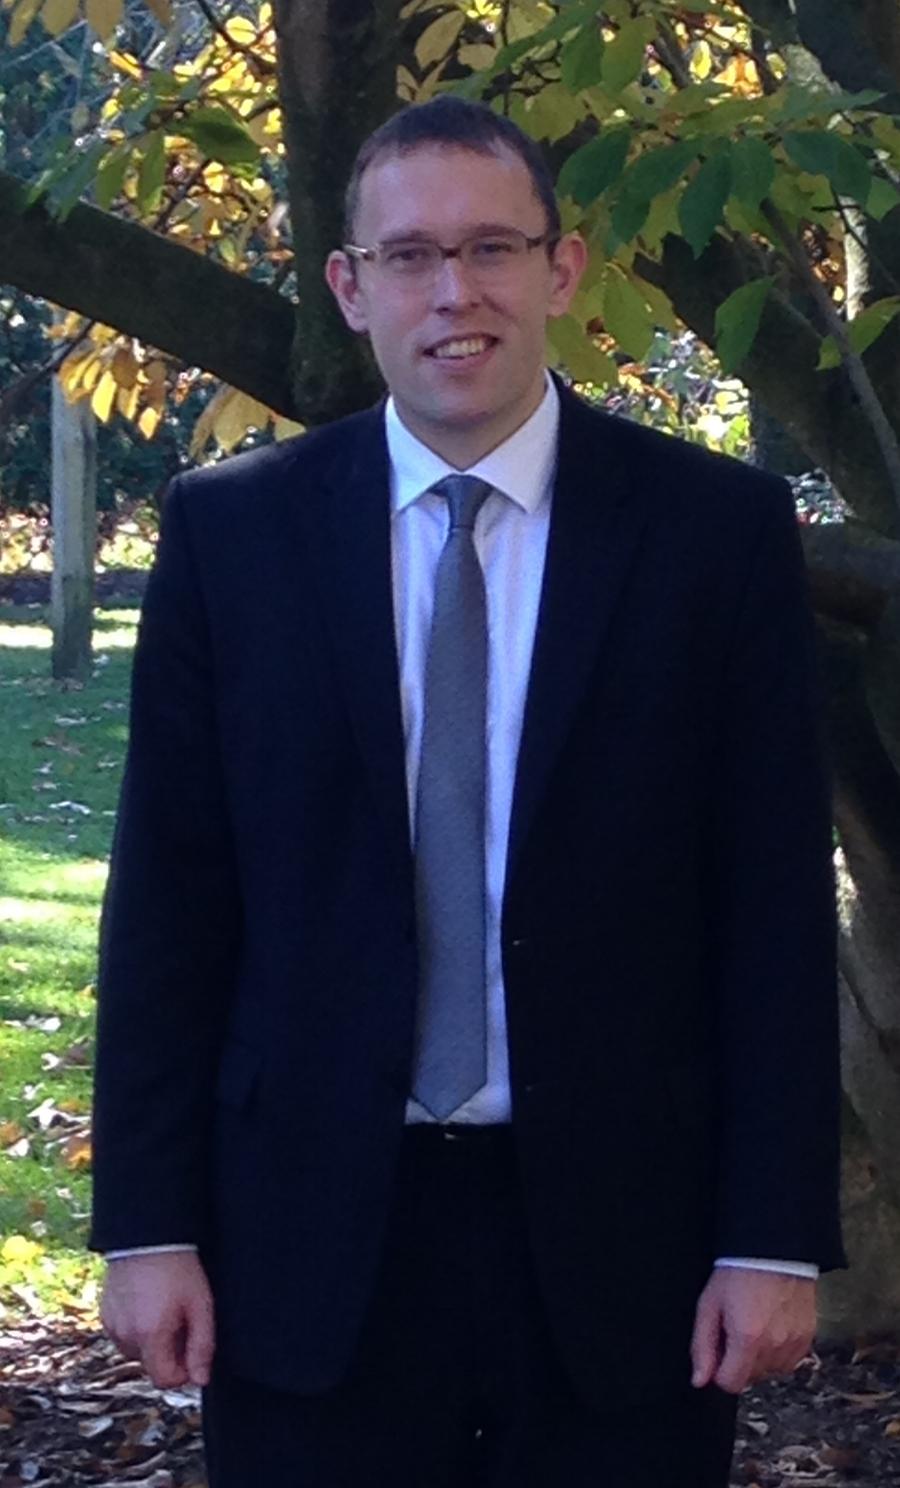 Rev Ian Macleod